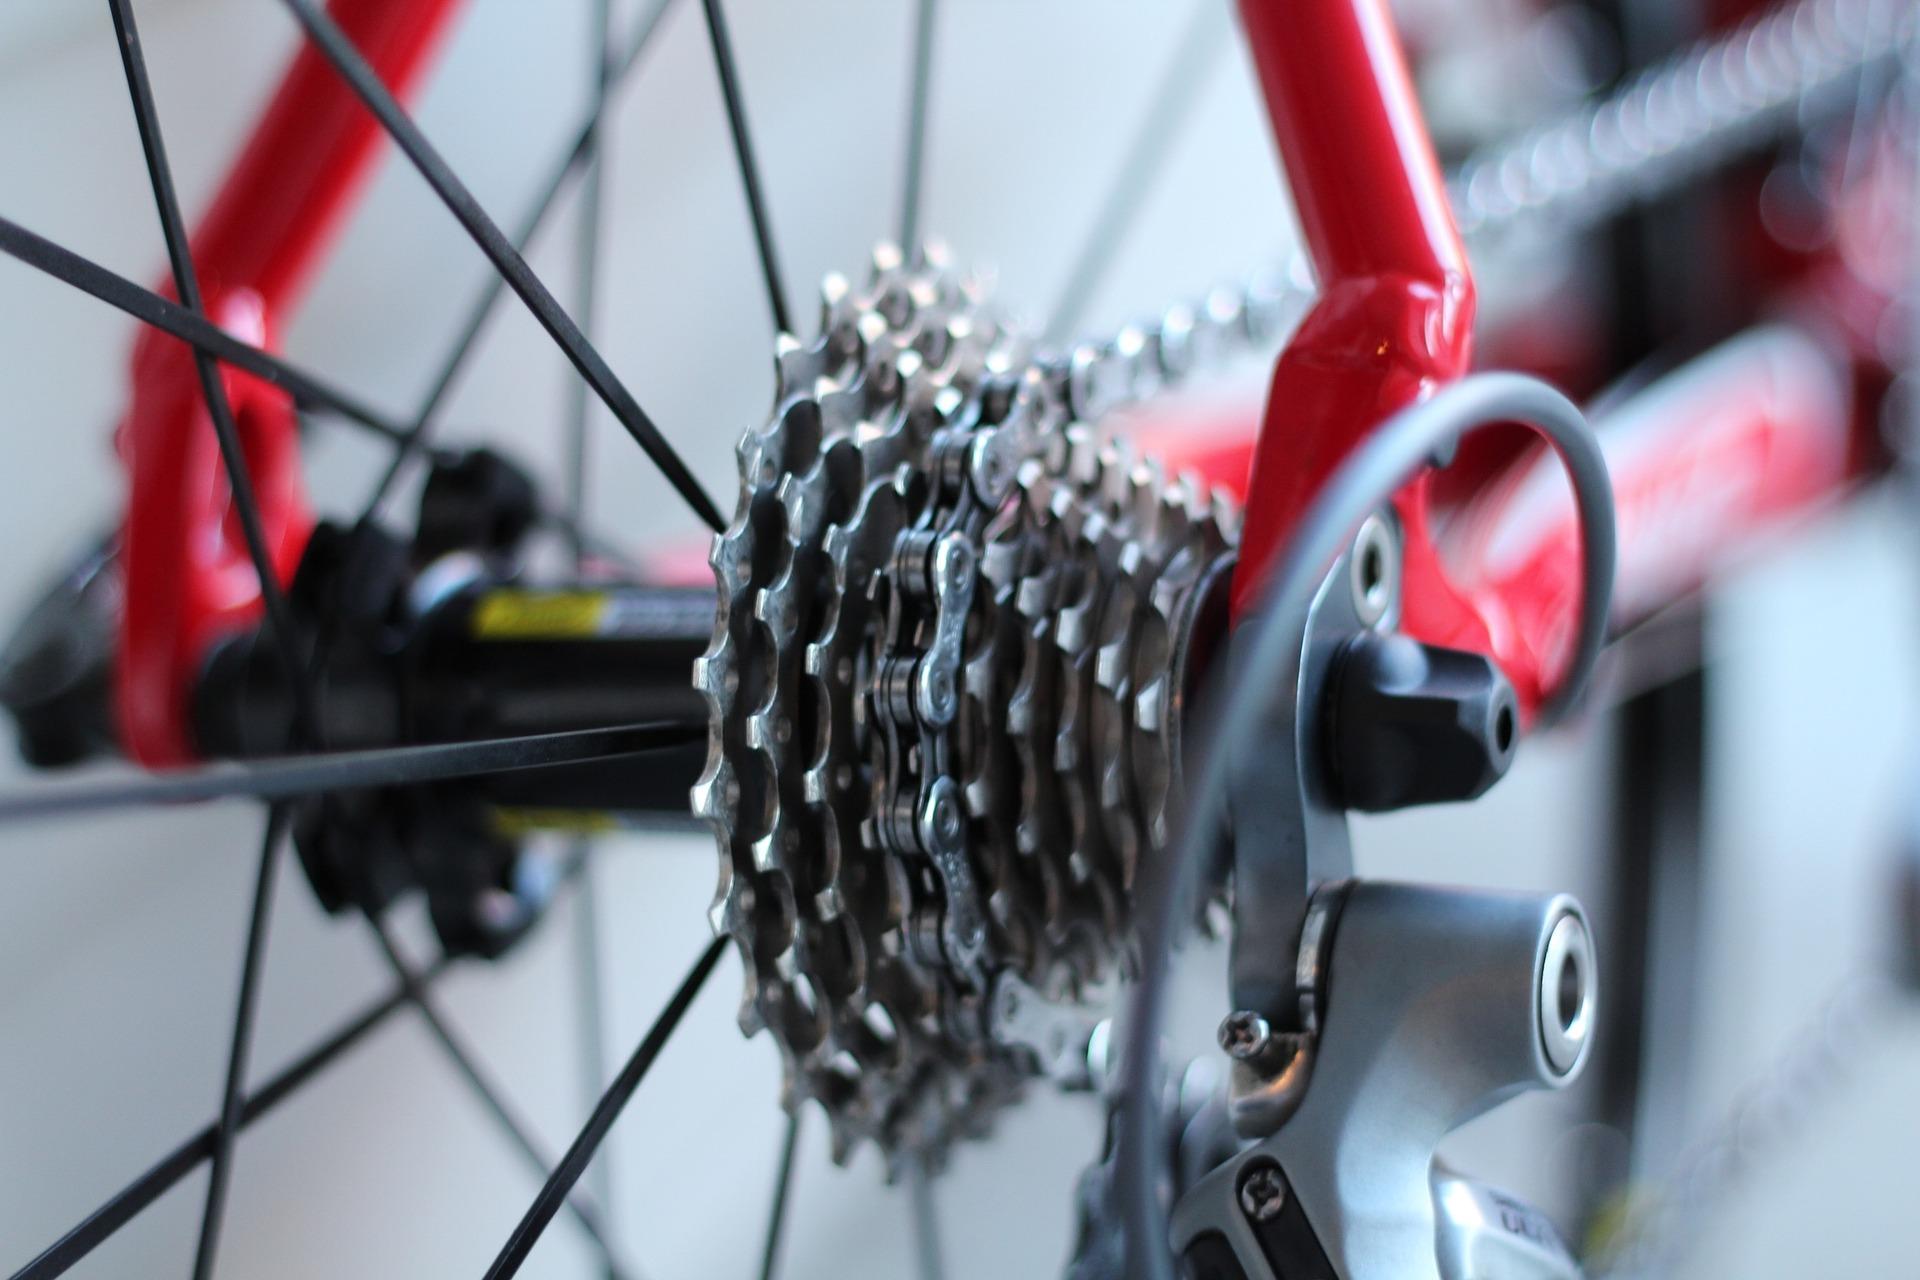 bicycle-690580_1920.jpg